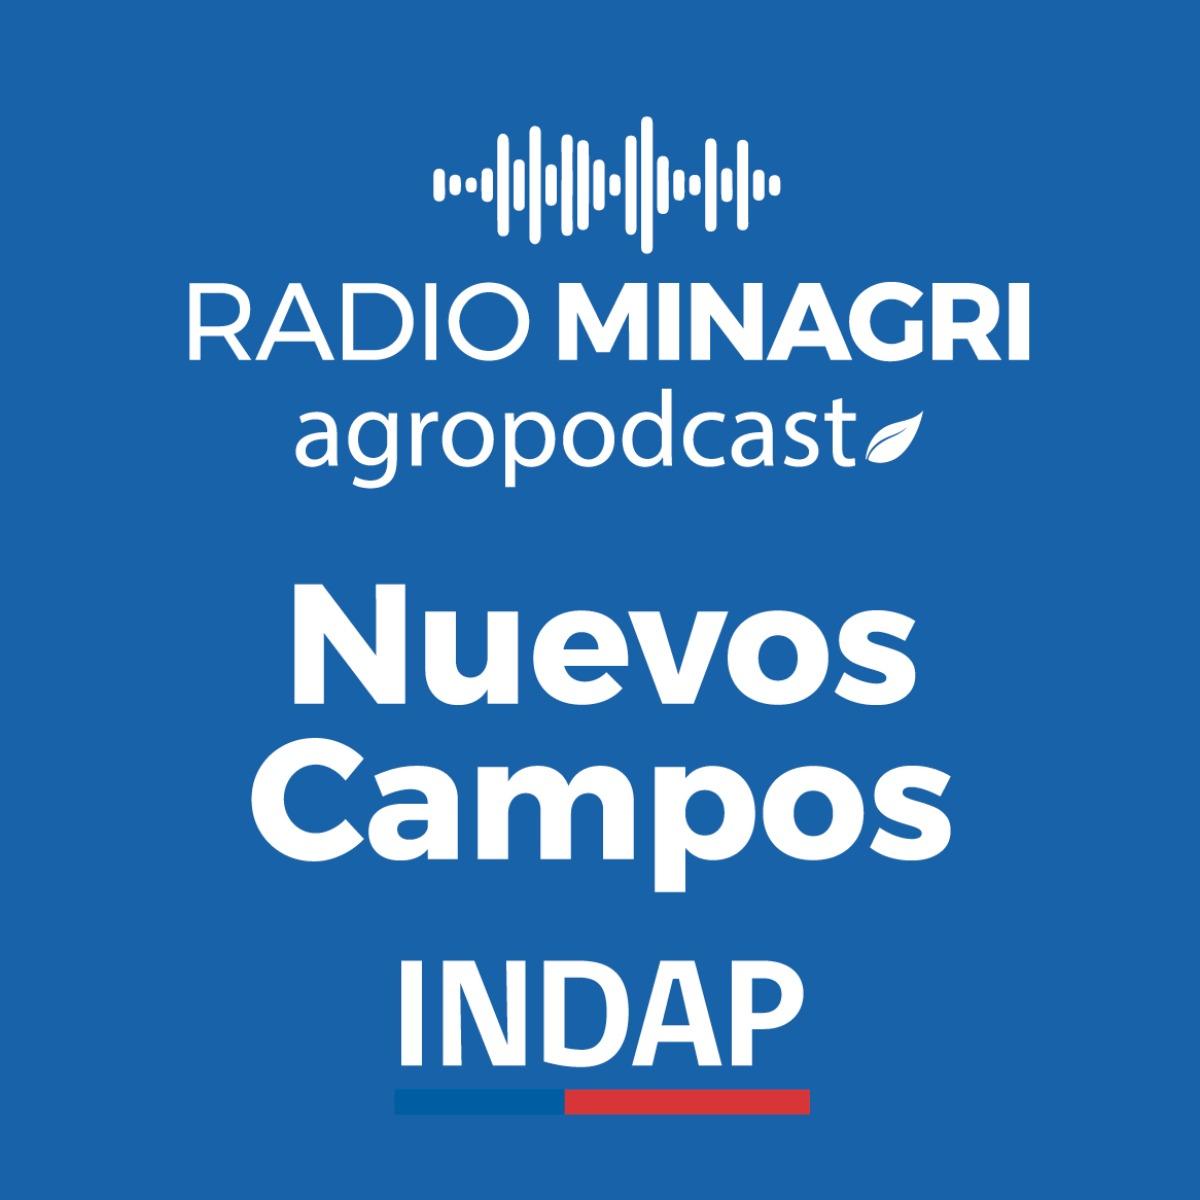 Nuevos campos – Episodio 41: INDAP Los Lagos ayuda a lecheros y productores por sequía